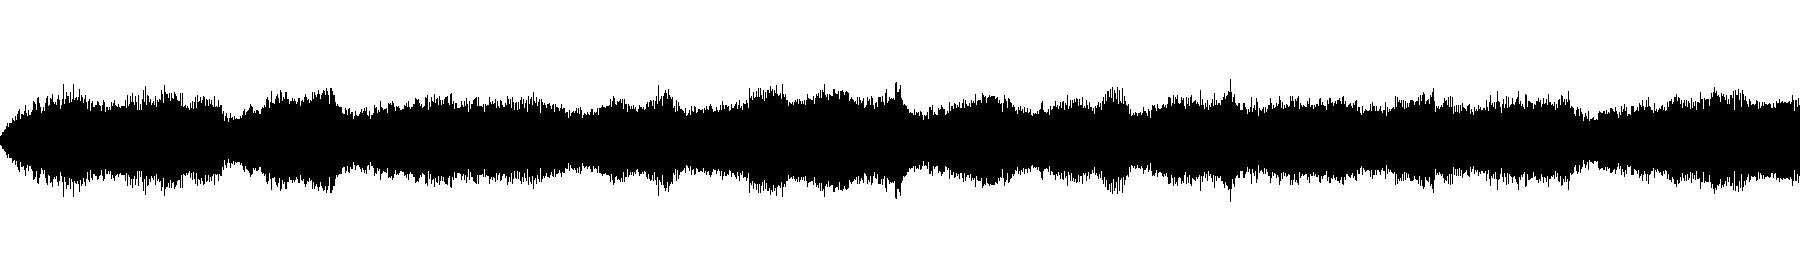 melody 11bpm85keyg